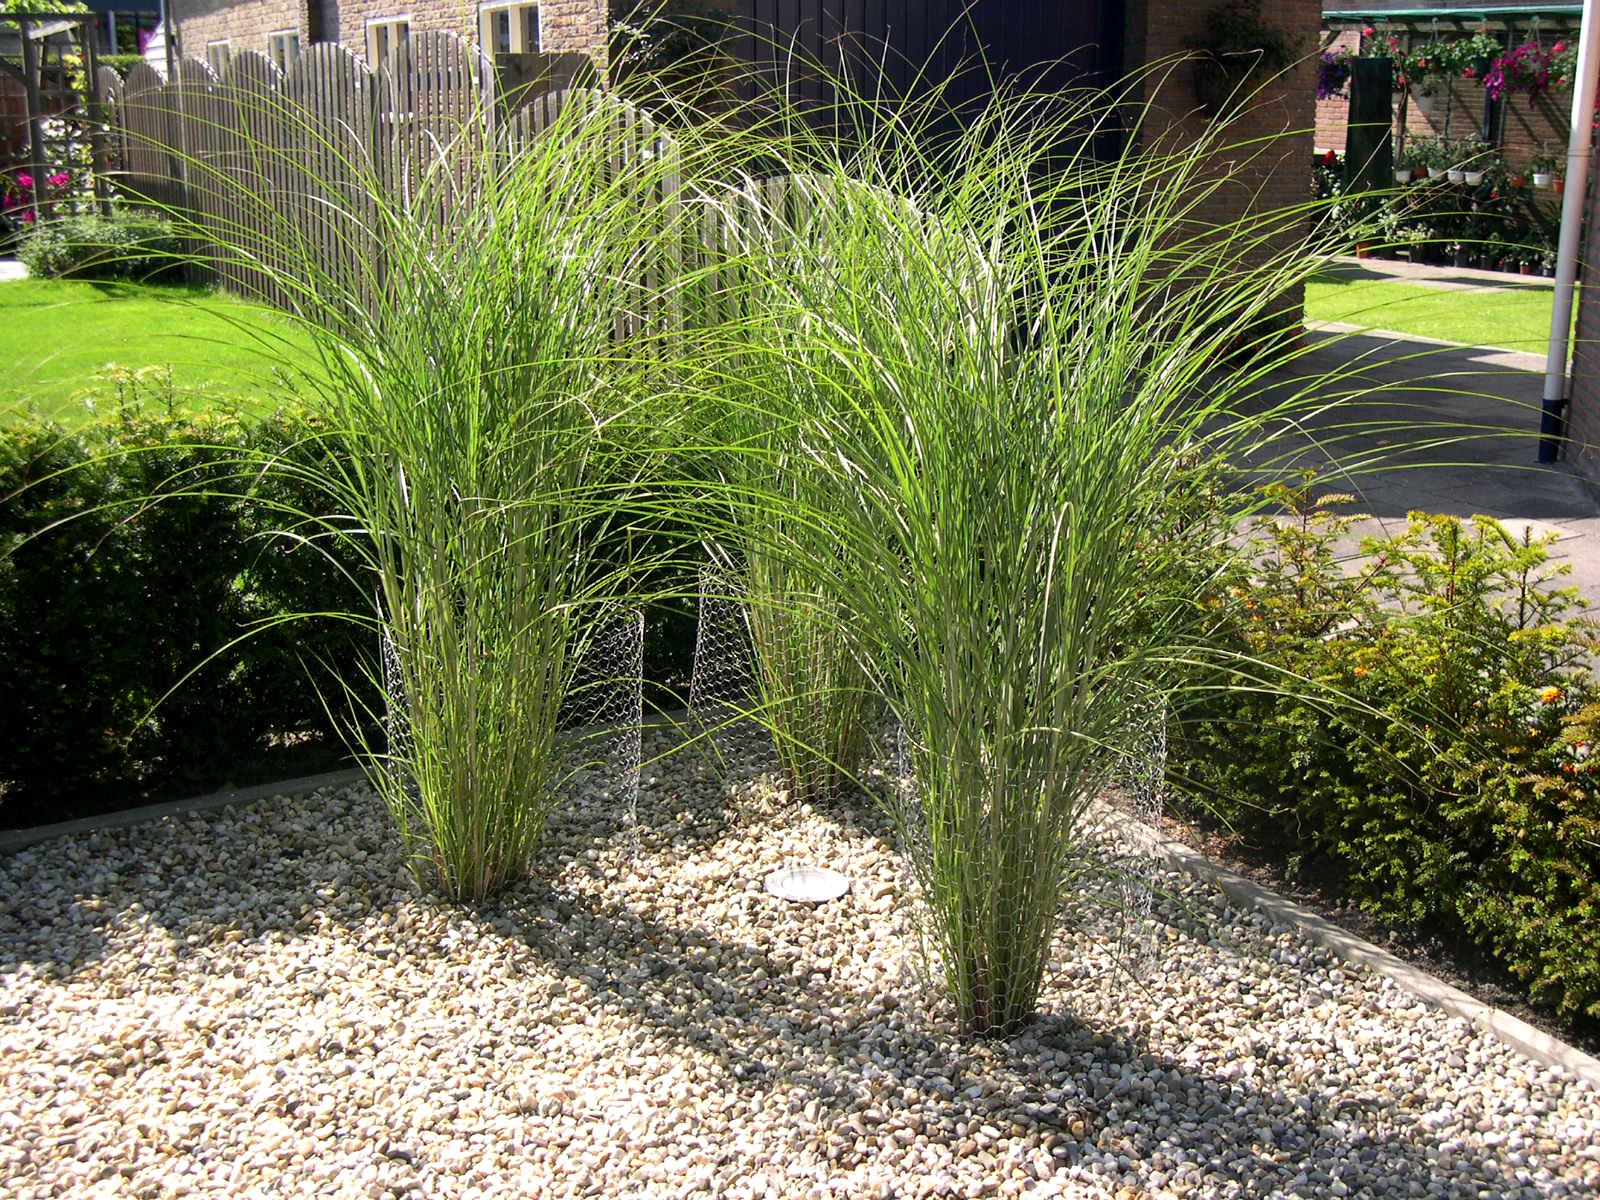 Gras In Tuin : Tuin gras vraag en antwoord het leggen van graszoden in de tuin